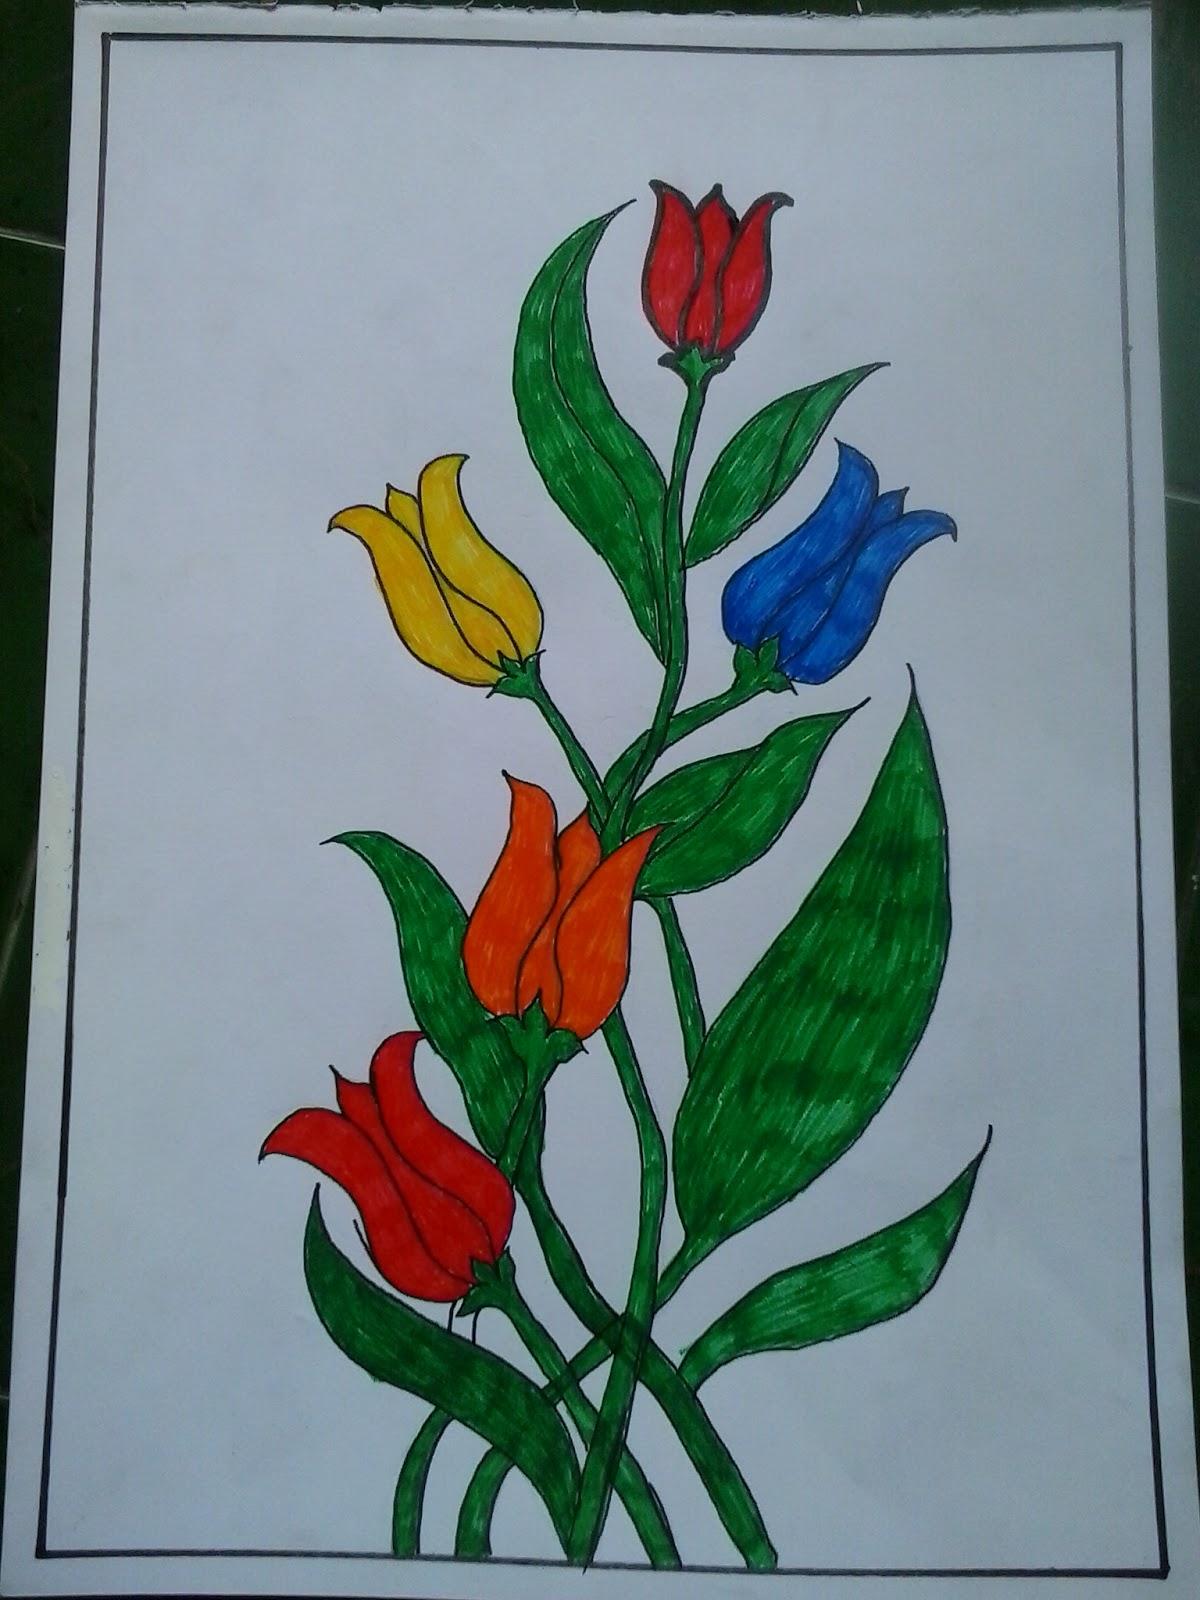 Gambar Ilustrasi Dekoratif Adalah Iluszi